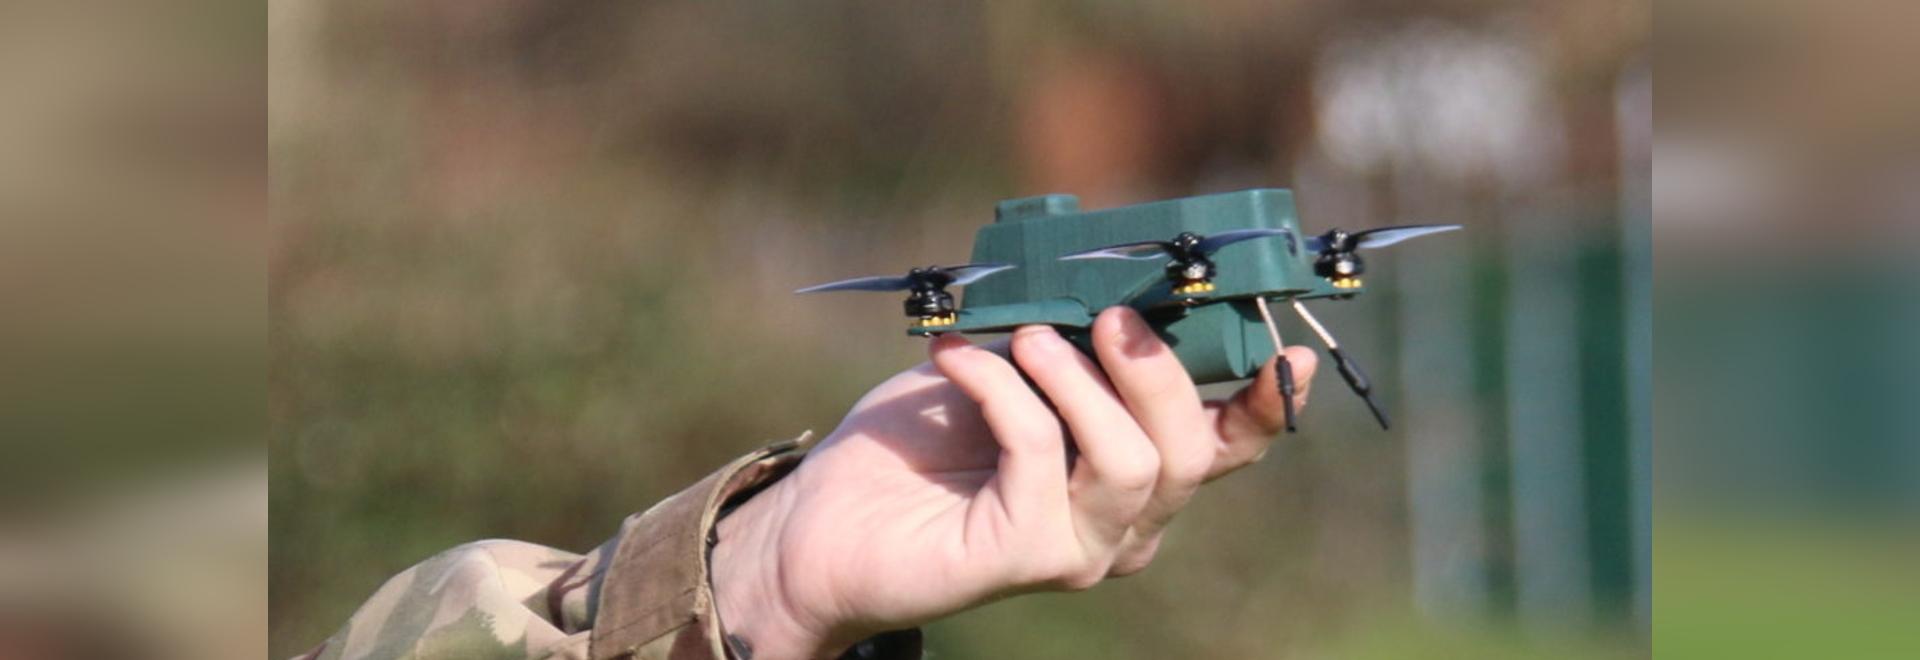 BAE Systems collaborates to develop nano bug drone